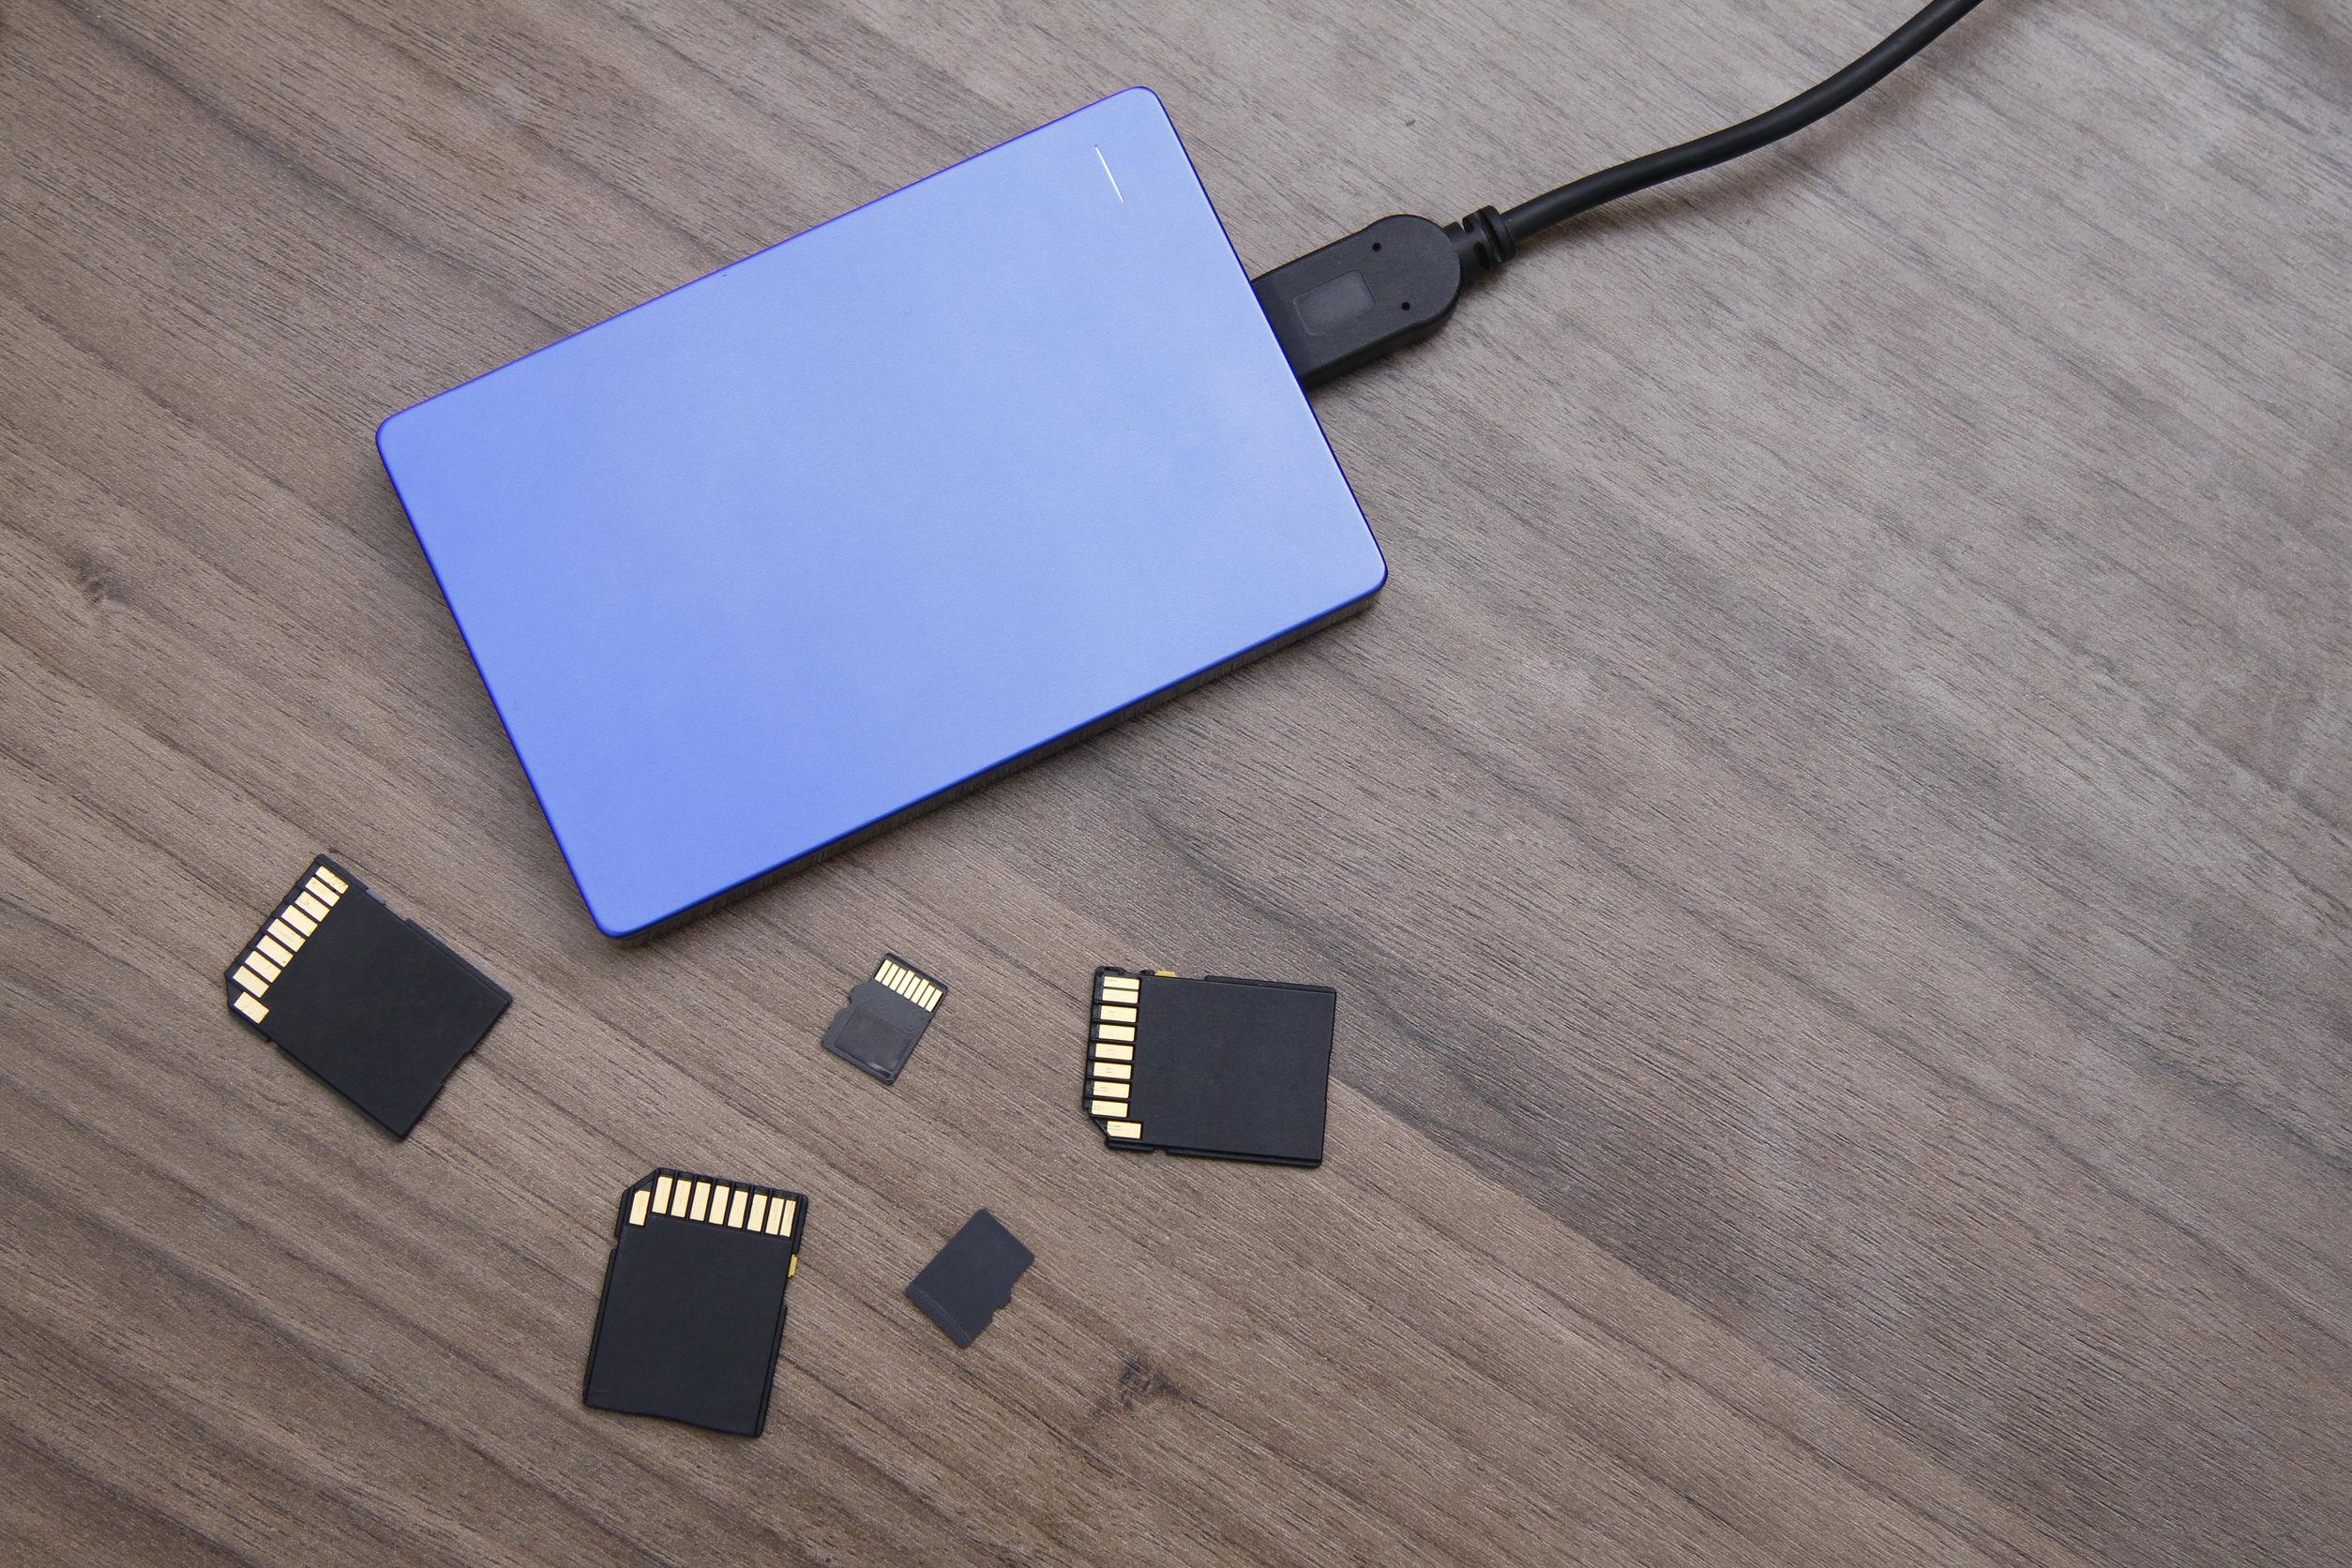 Imagem de HD externo azul junto de vários cartões de memória